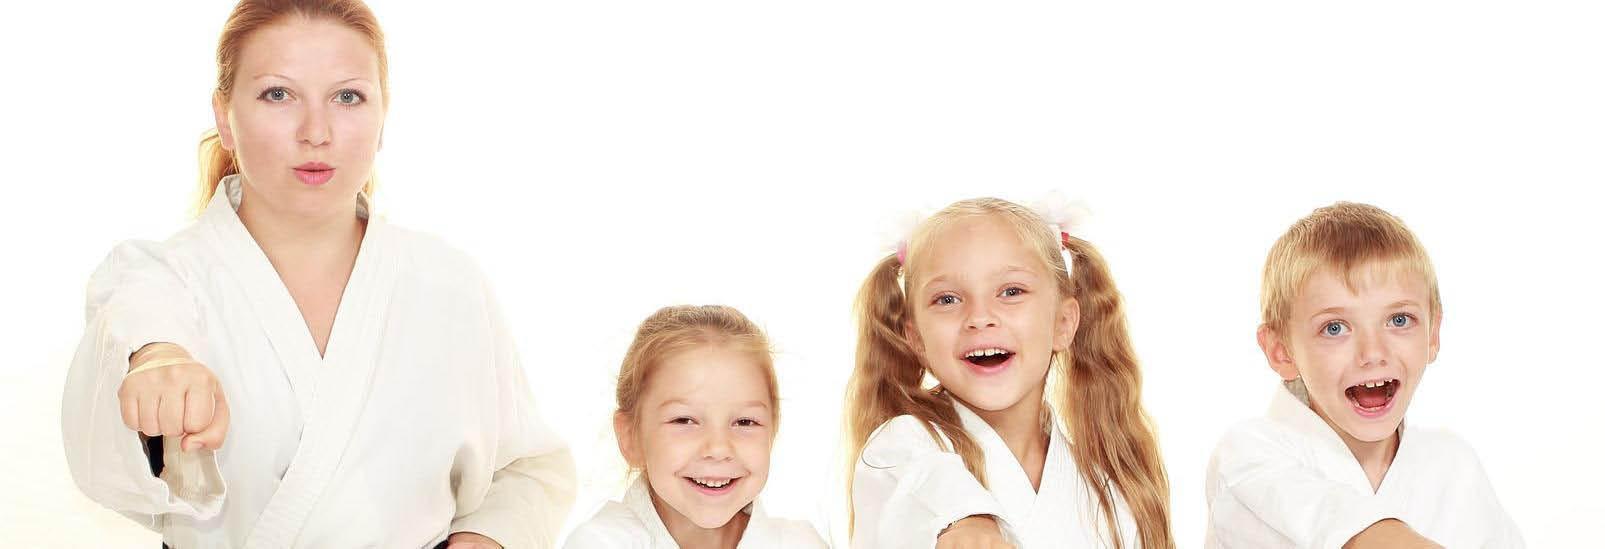 family taekwondo banner image